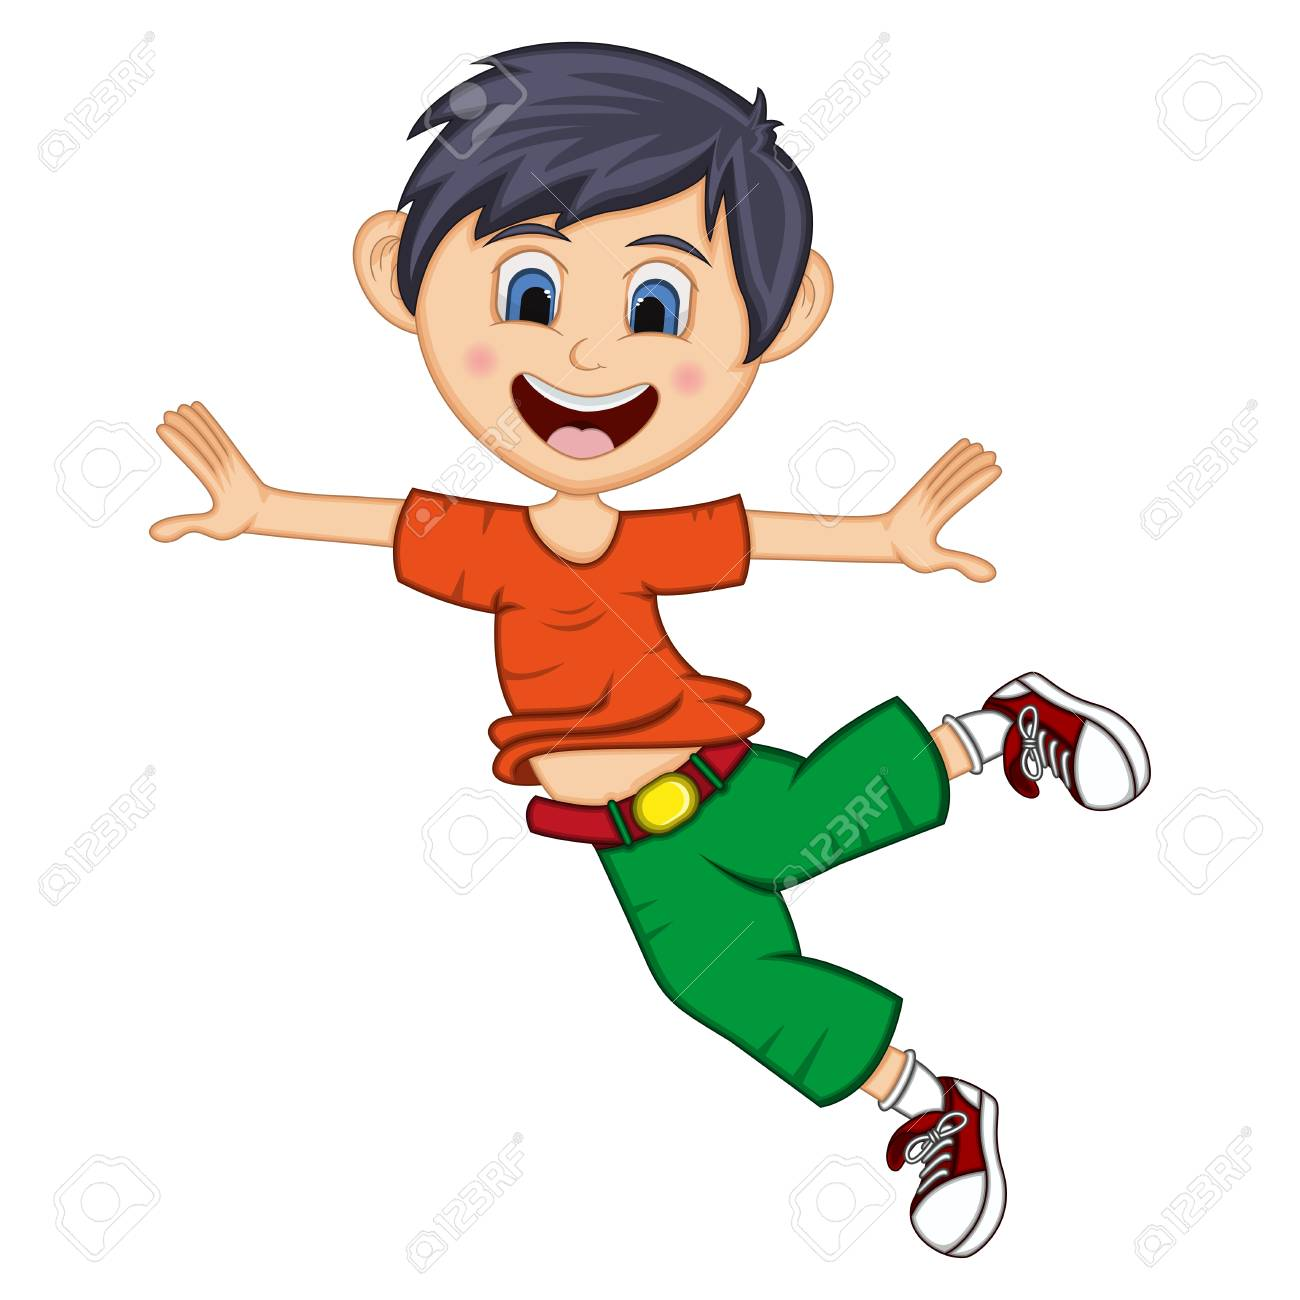 Little boy dancing and jump cartoon.